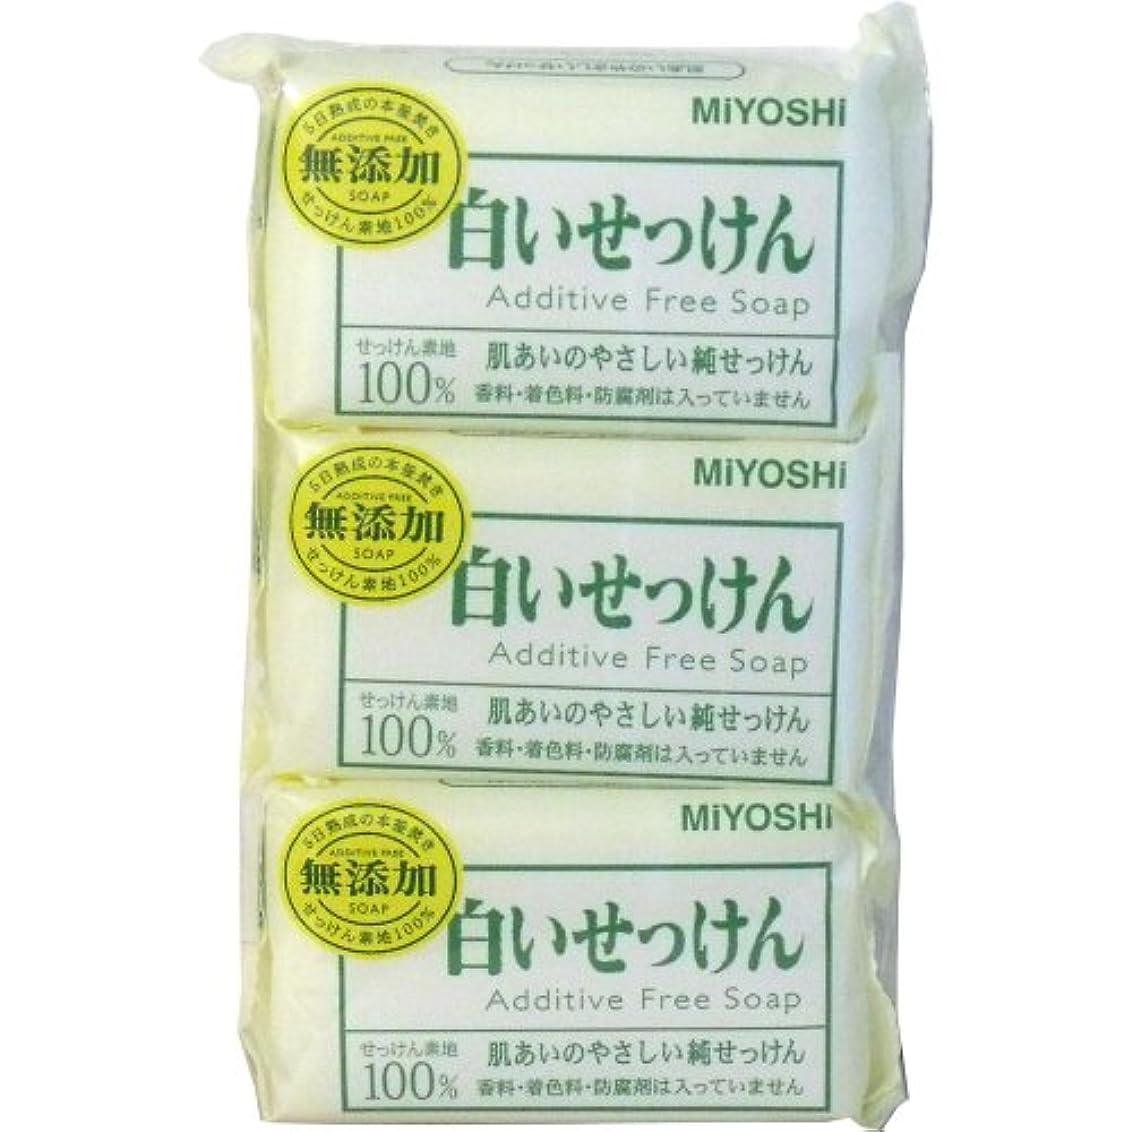 フレームワーク芽キャロライン【ミヨシ】ミヨシ 無添加 白いせっけん 108g×3個入 ×10個セット